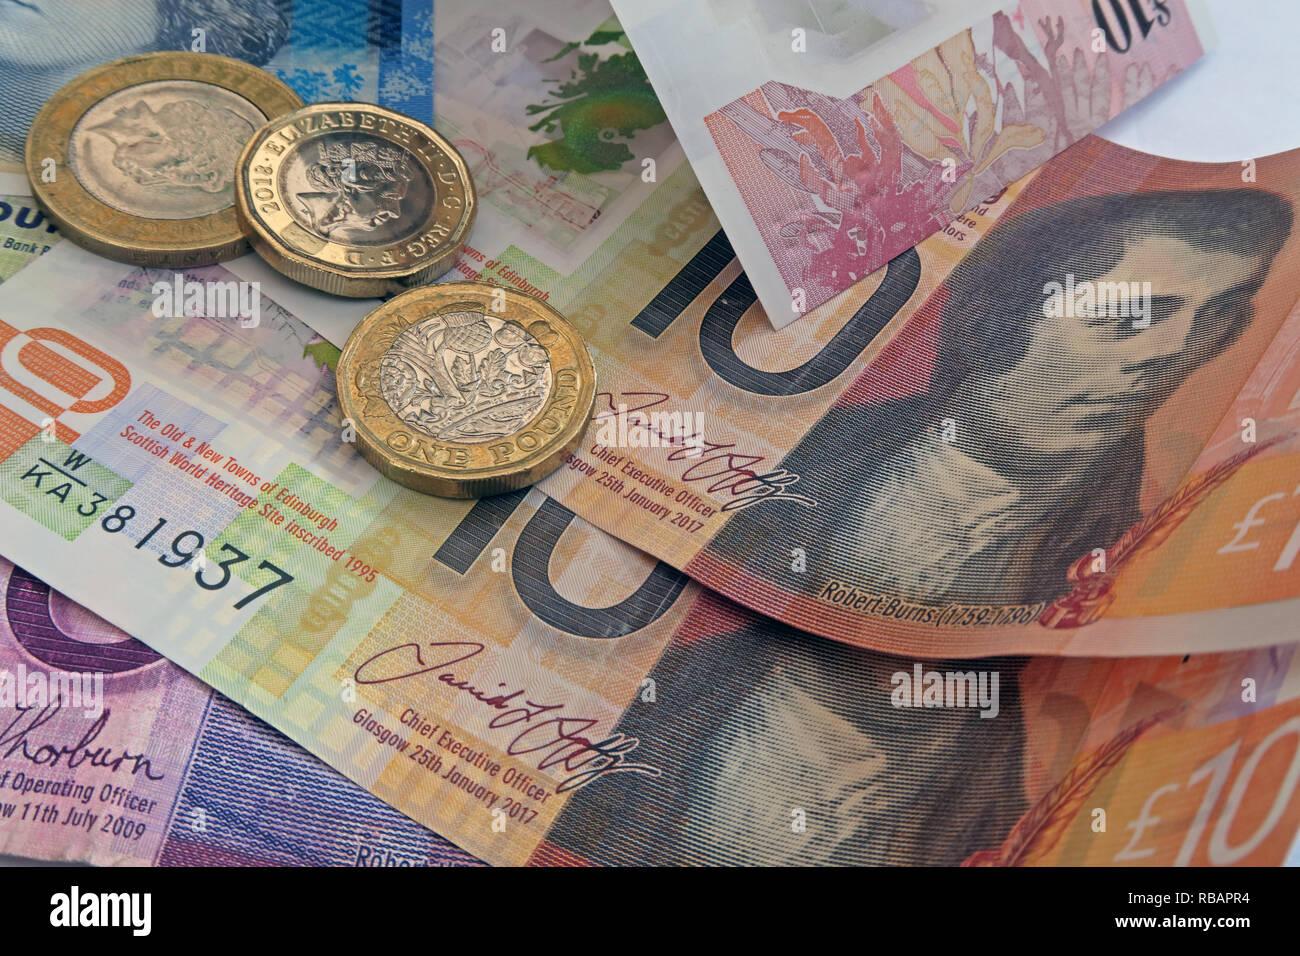 Laden Sie dieses Alamy Stockfoto Bank von Schottland, Clydesdale & RBS Kunststoff 5 £ £ 10 fünf Pfund und zehn Pfund Banknoten, Münzen - RBAPR4